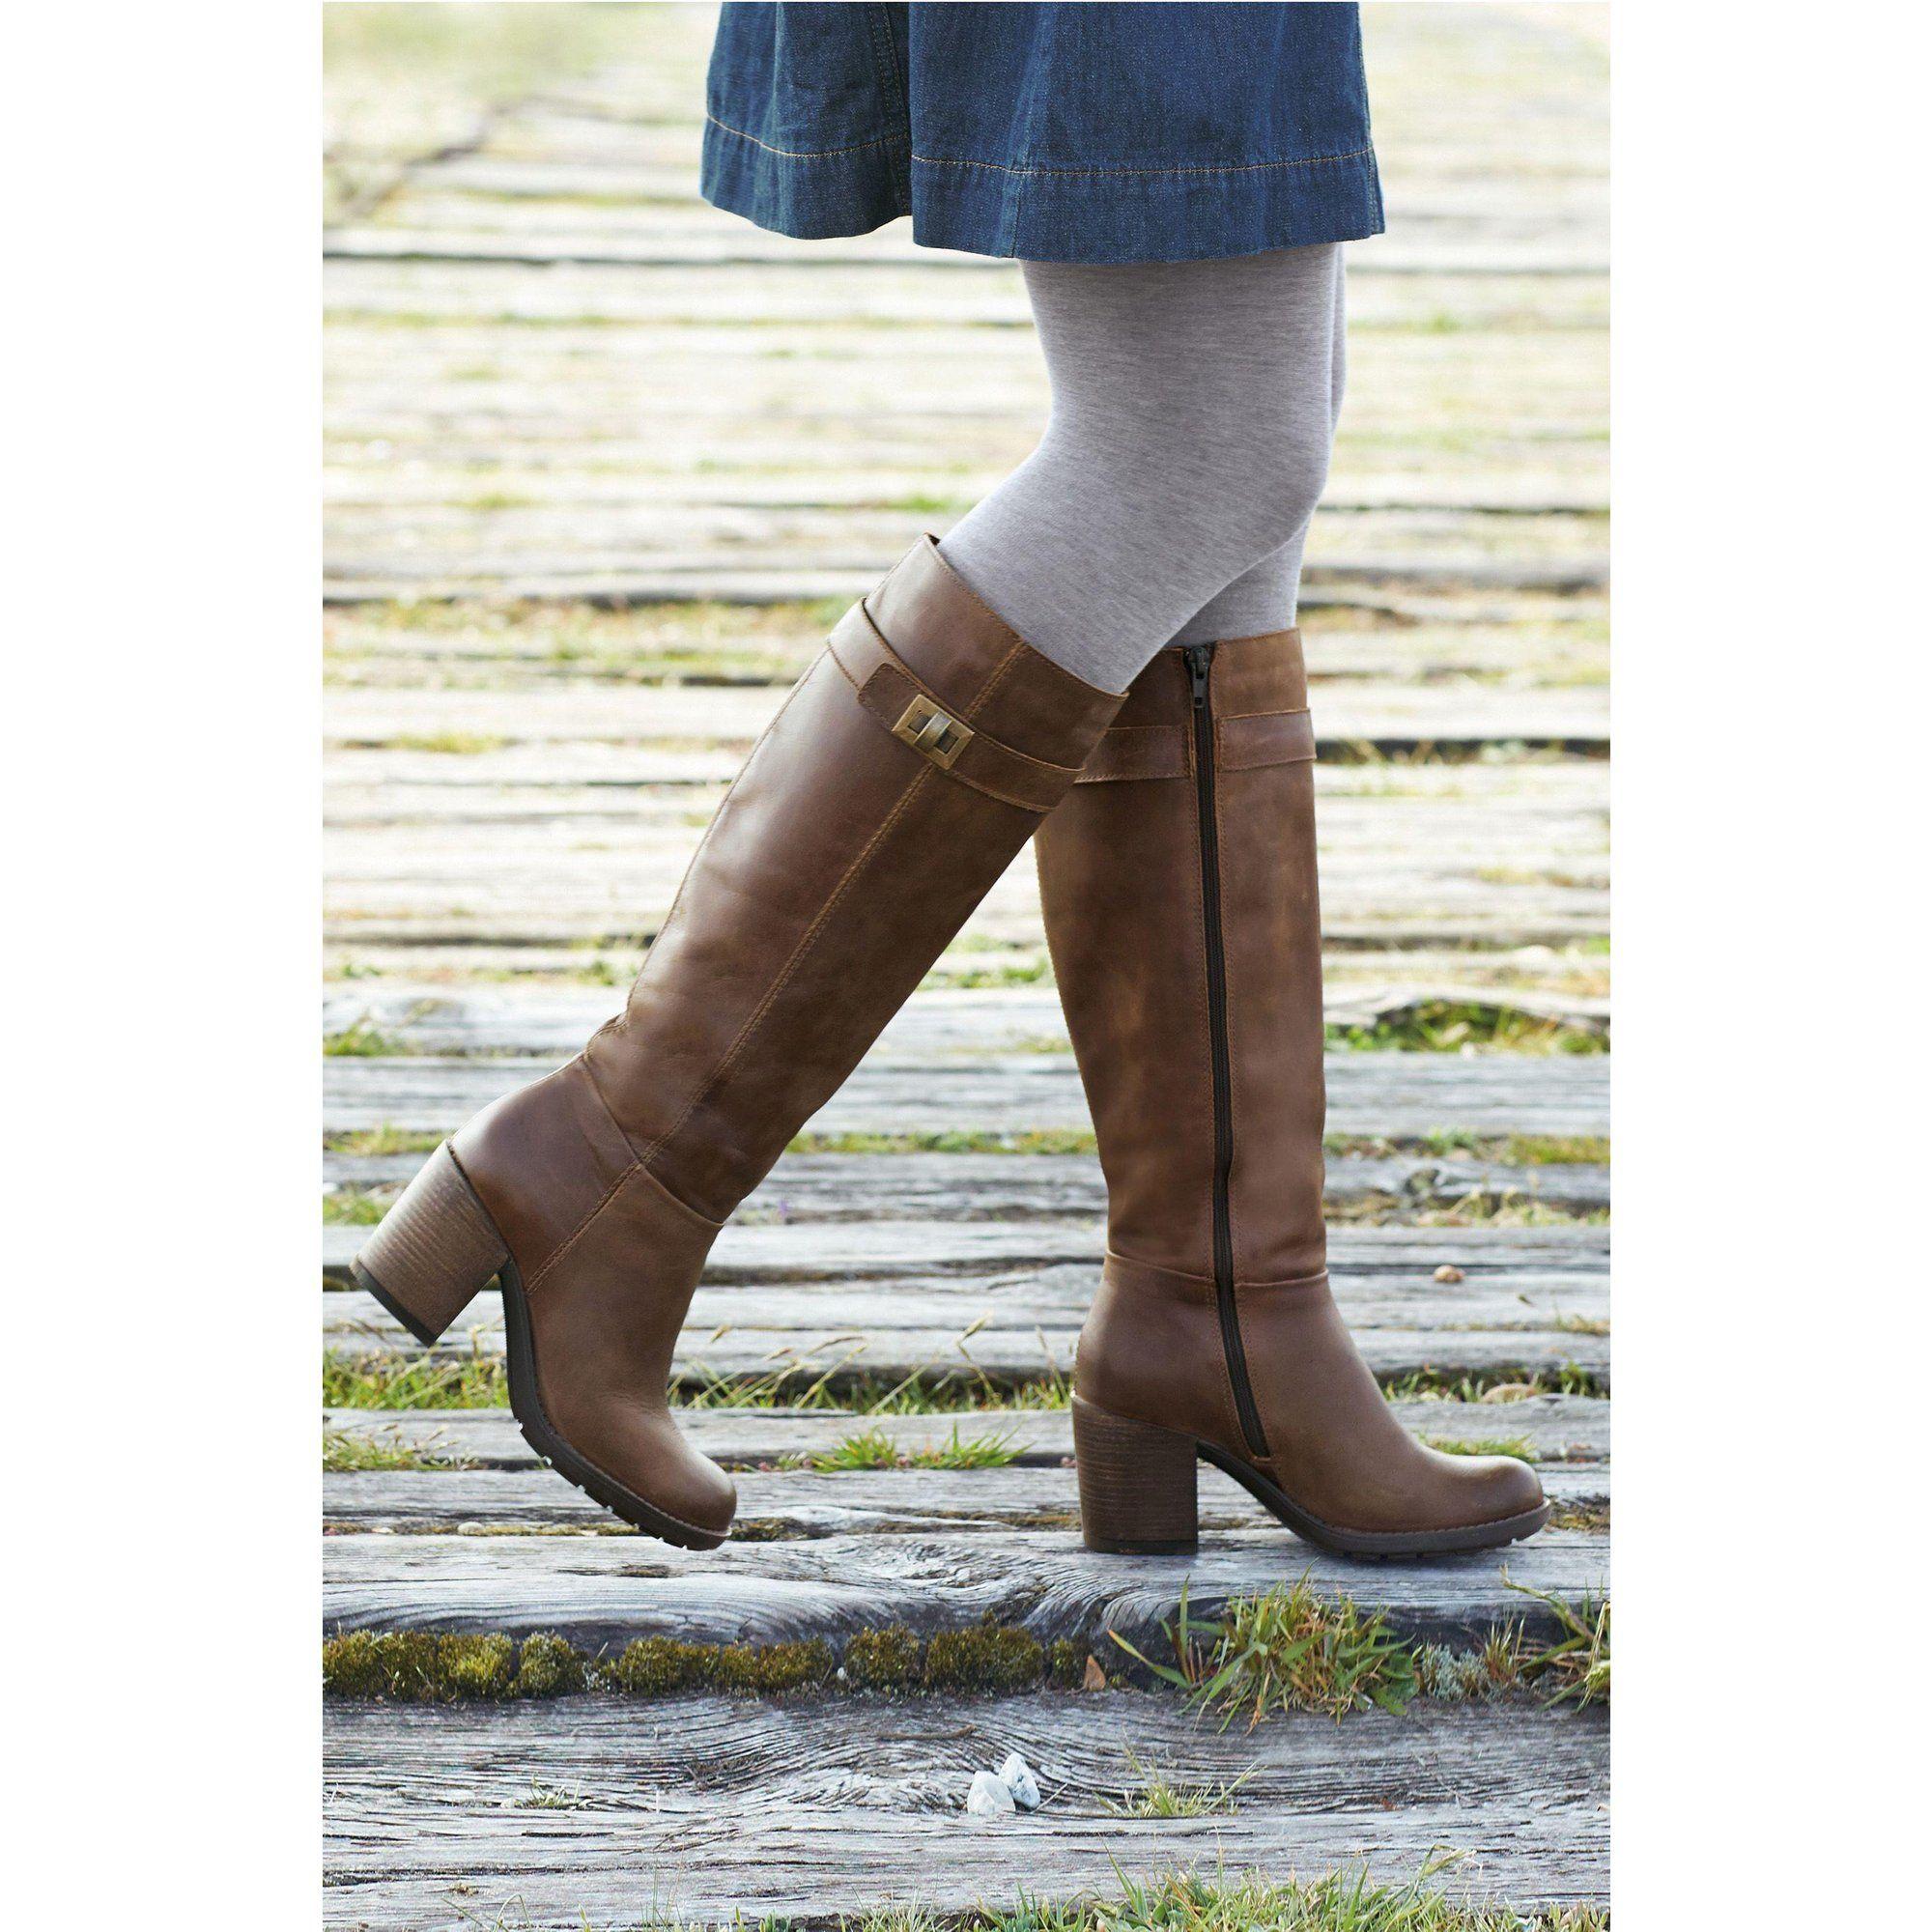 bottes hautes à fermoir pivotant femme next - 3suisses | 28 oct